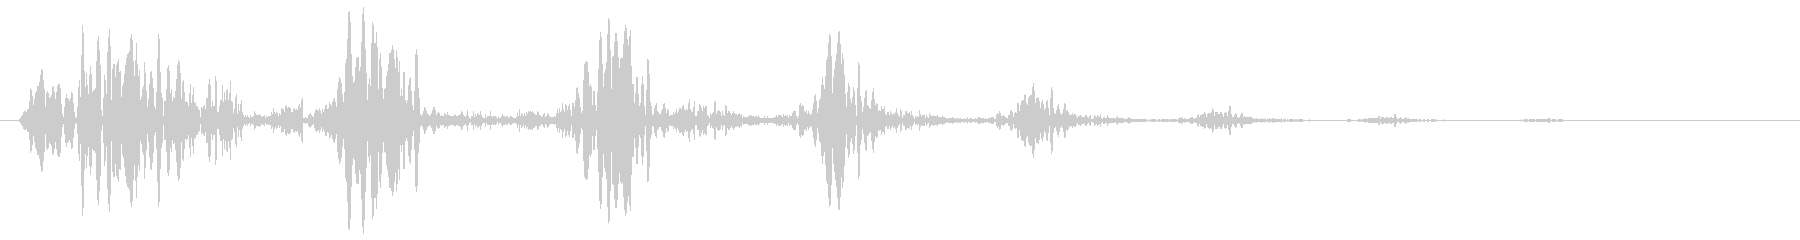 ピュルル〜(小動物が逃げるような効果音)の未再生の波形